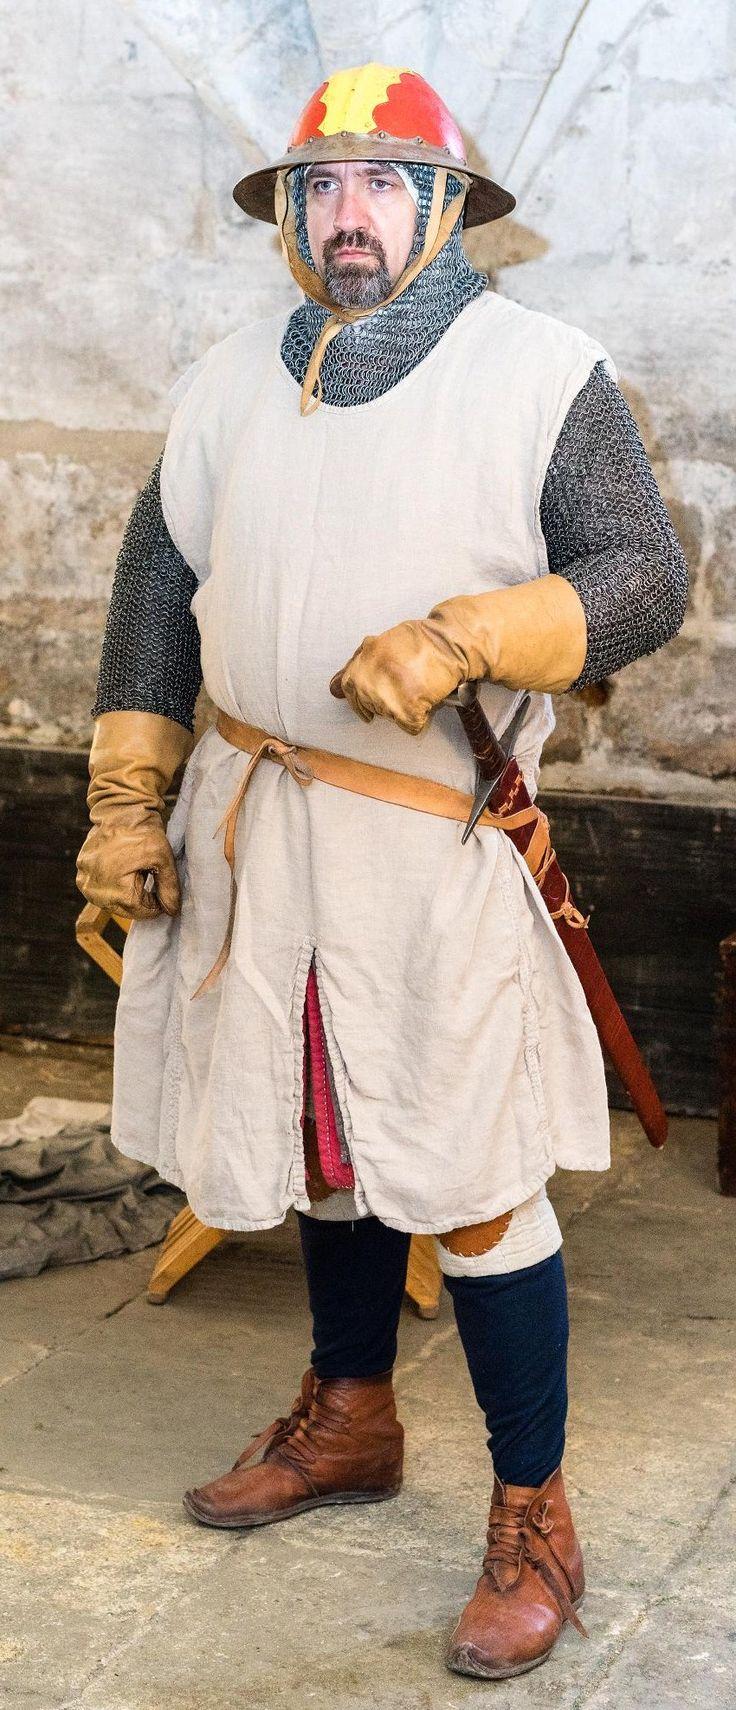 Een goed uitgeruste 13e eeuwse krijger. Boven zijn normale kleding draagt hij een gambeson (de rode stof nog net zichtbaar) en gewatteerde bovenbeenbescherming (ook wel 'cuisses' genoemd. Daar overheen draagt hij een maliënkolder, een wapenkleed en een mooi beschilderde ketelhelm.